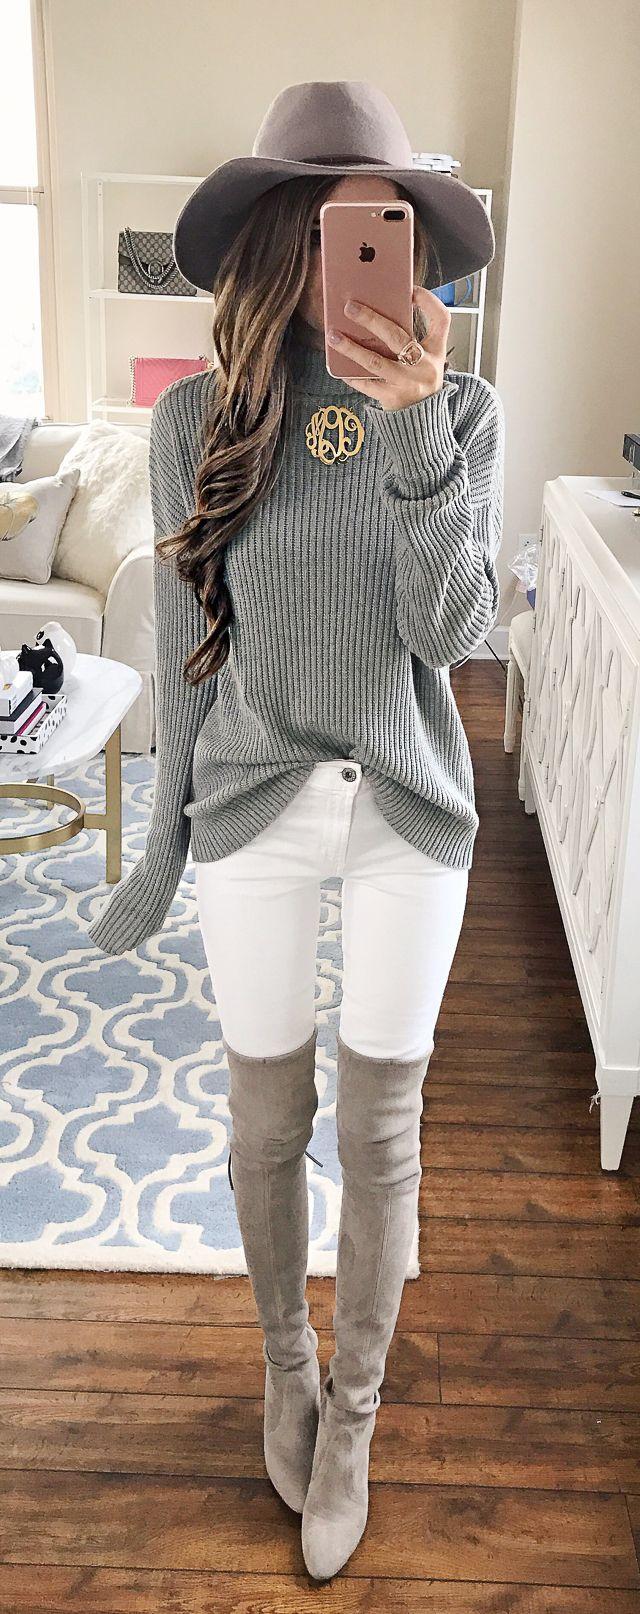 Белые джинсы в сочетании с ботфортами